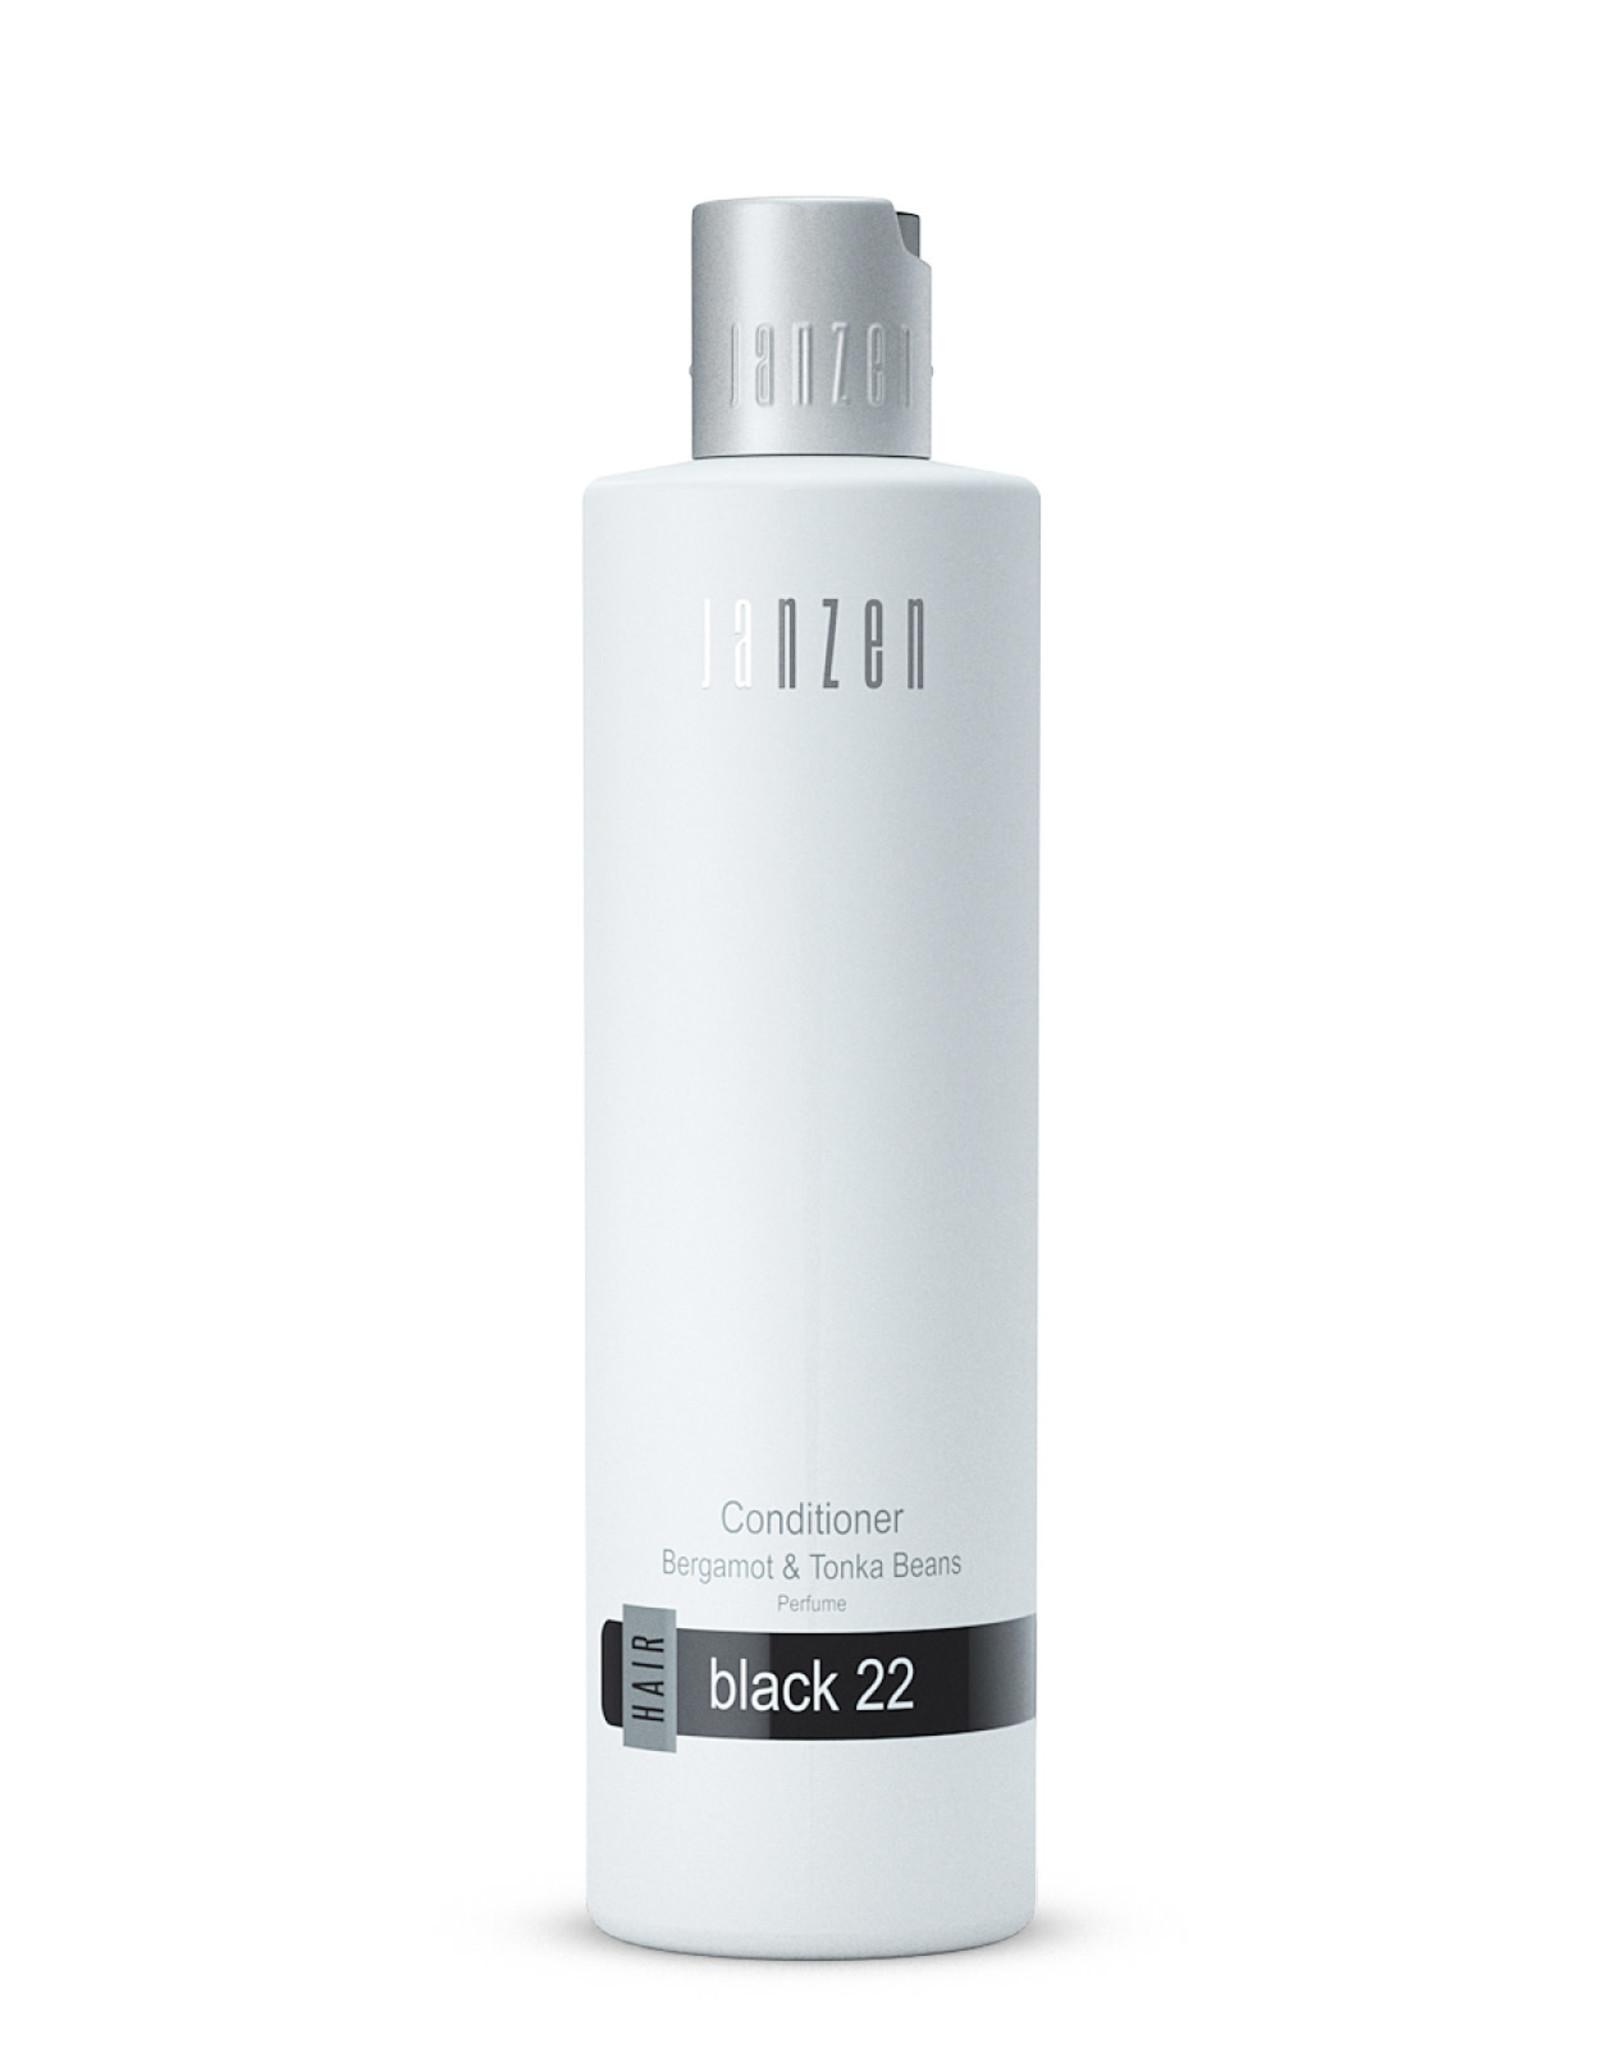 JANZEN Conditioner Black 22 300ml - JANZEN